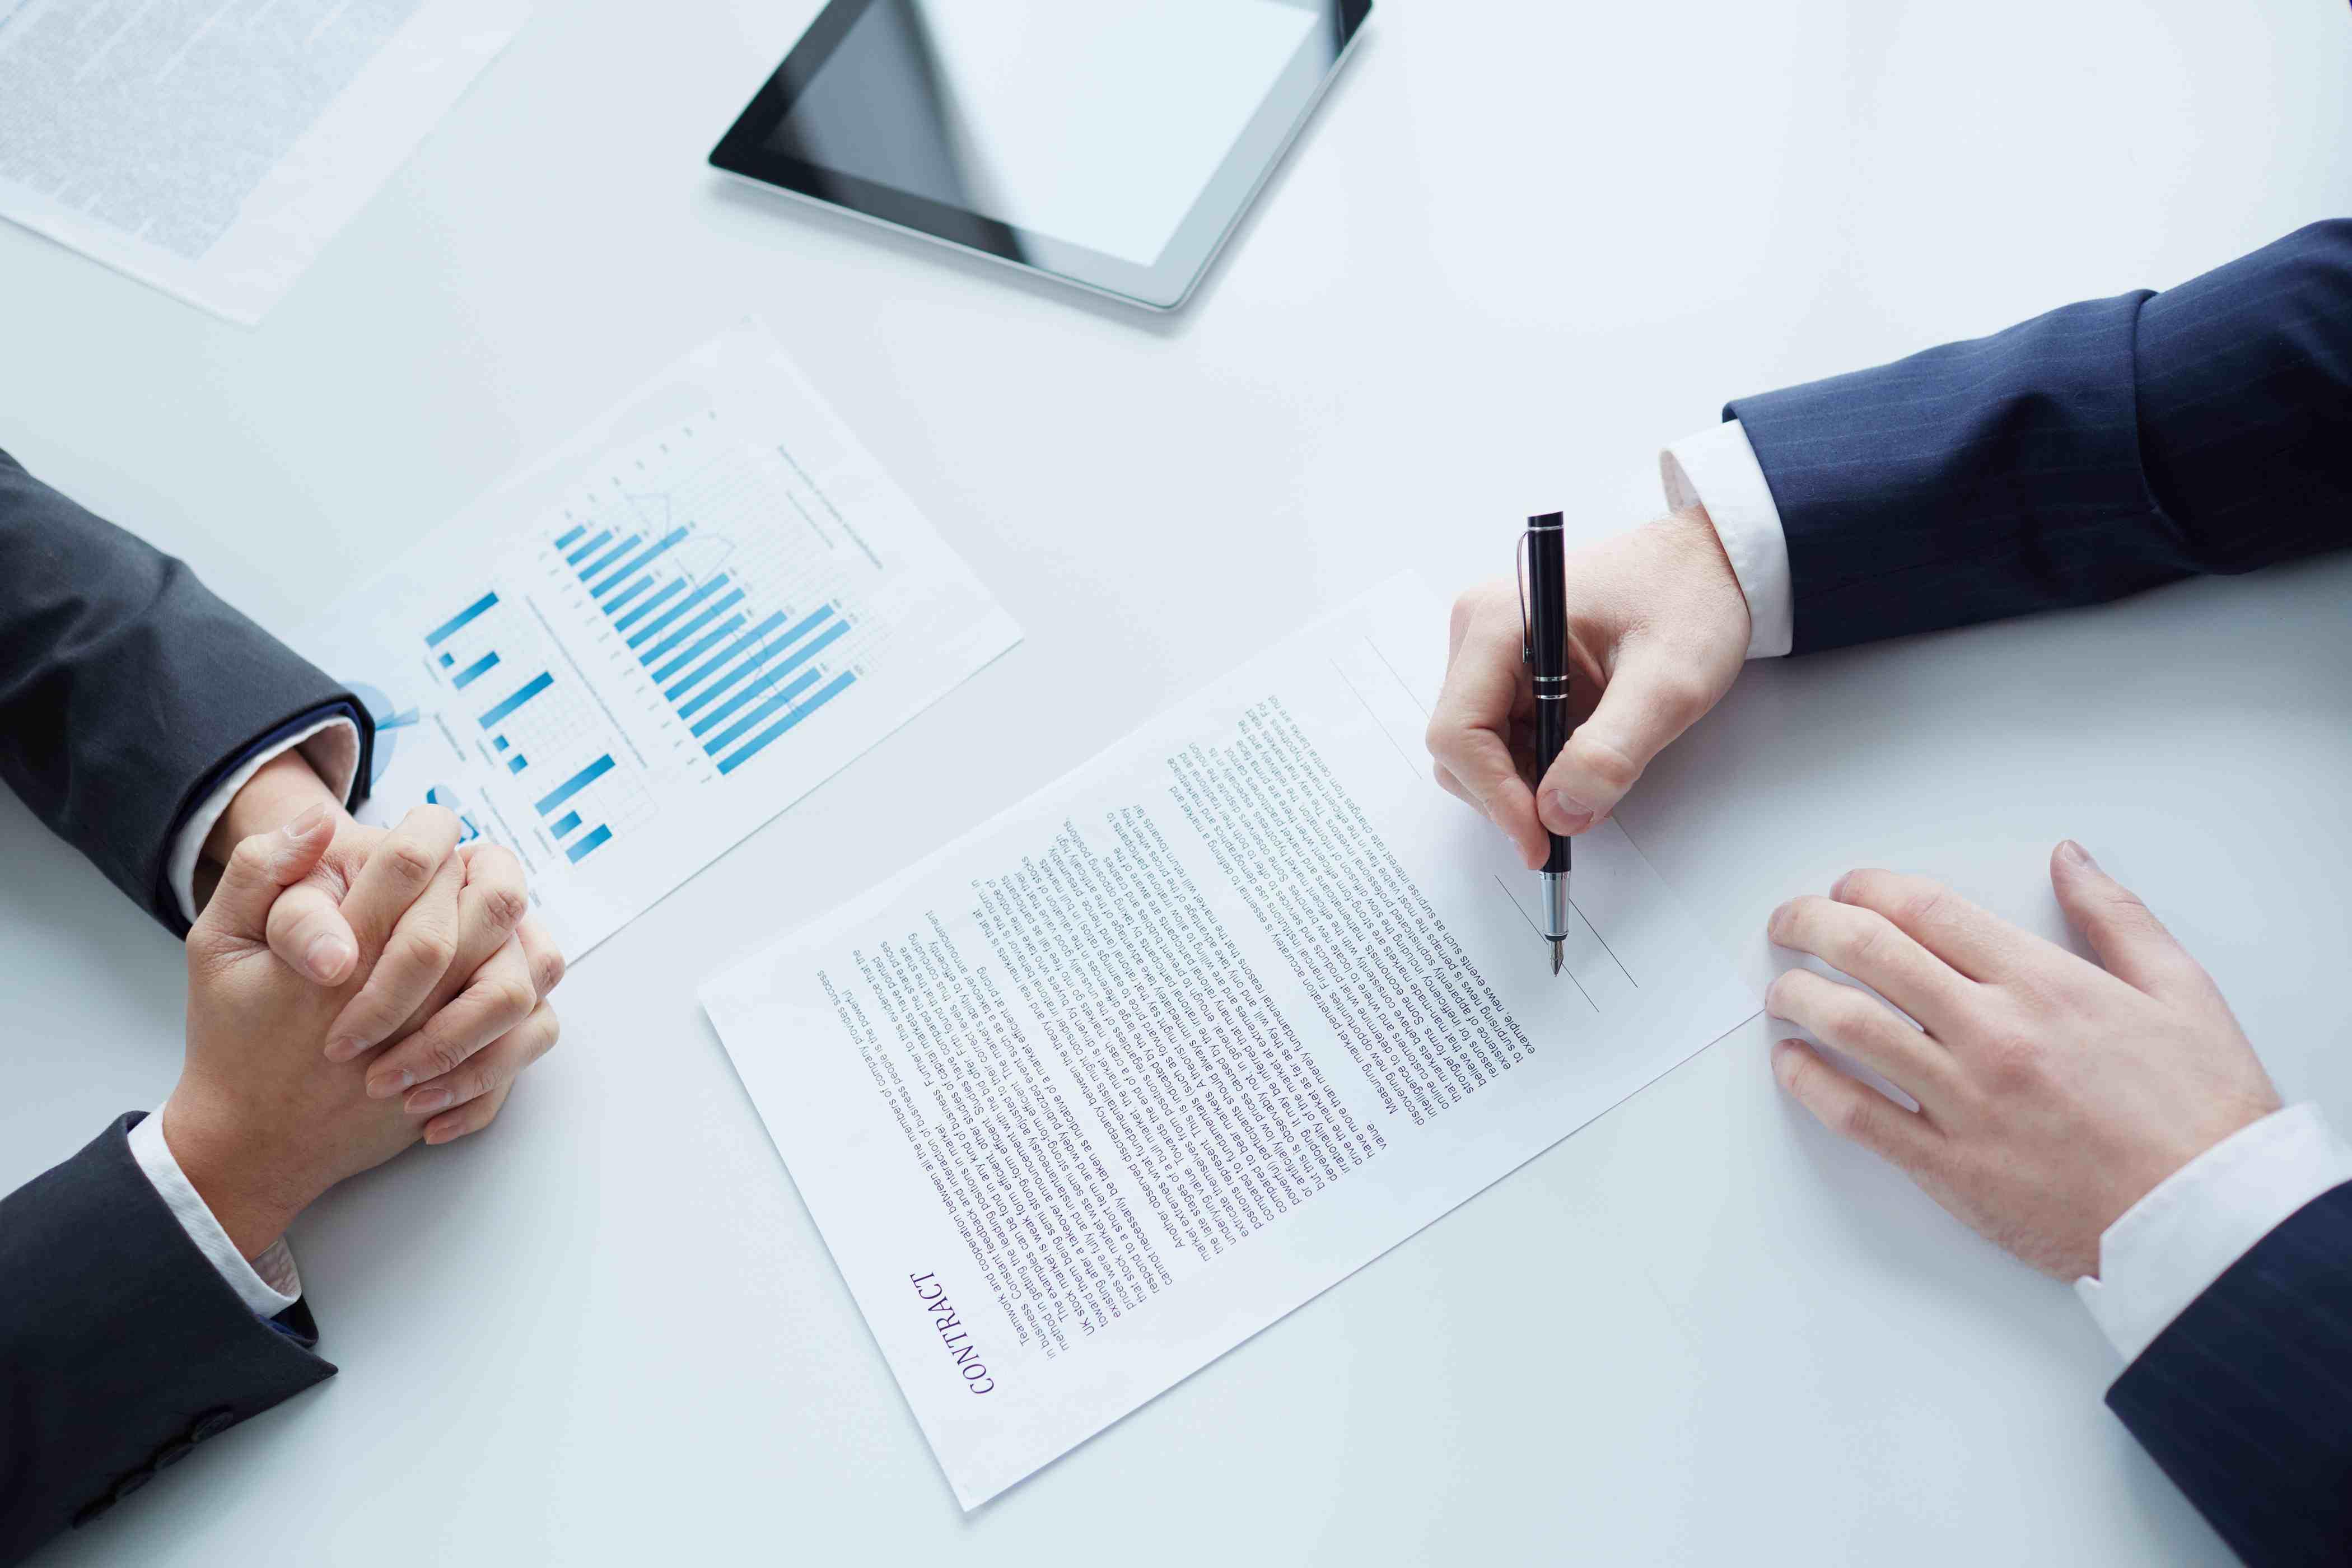 Metavallon VC: Ξεκινάει τις επενδύσεις, αναζητά εταιρείες